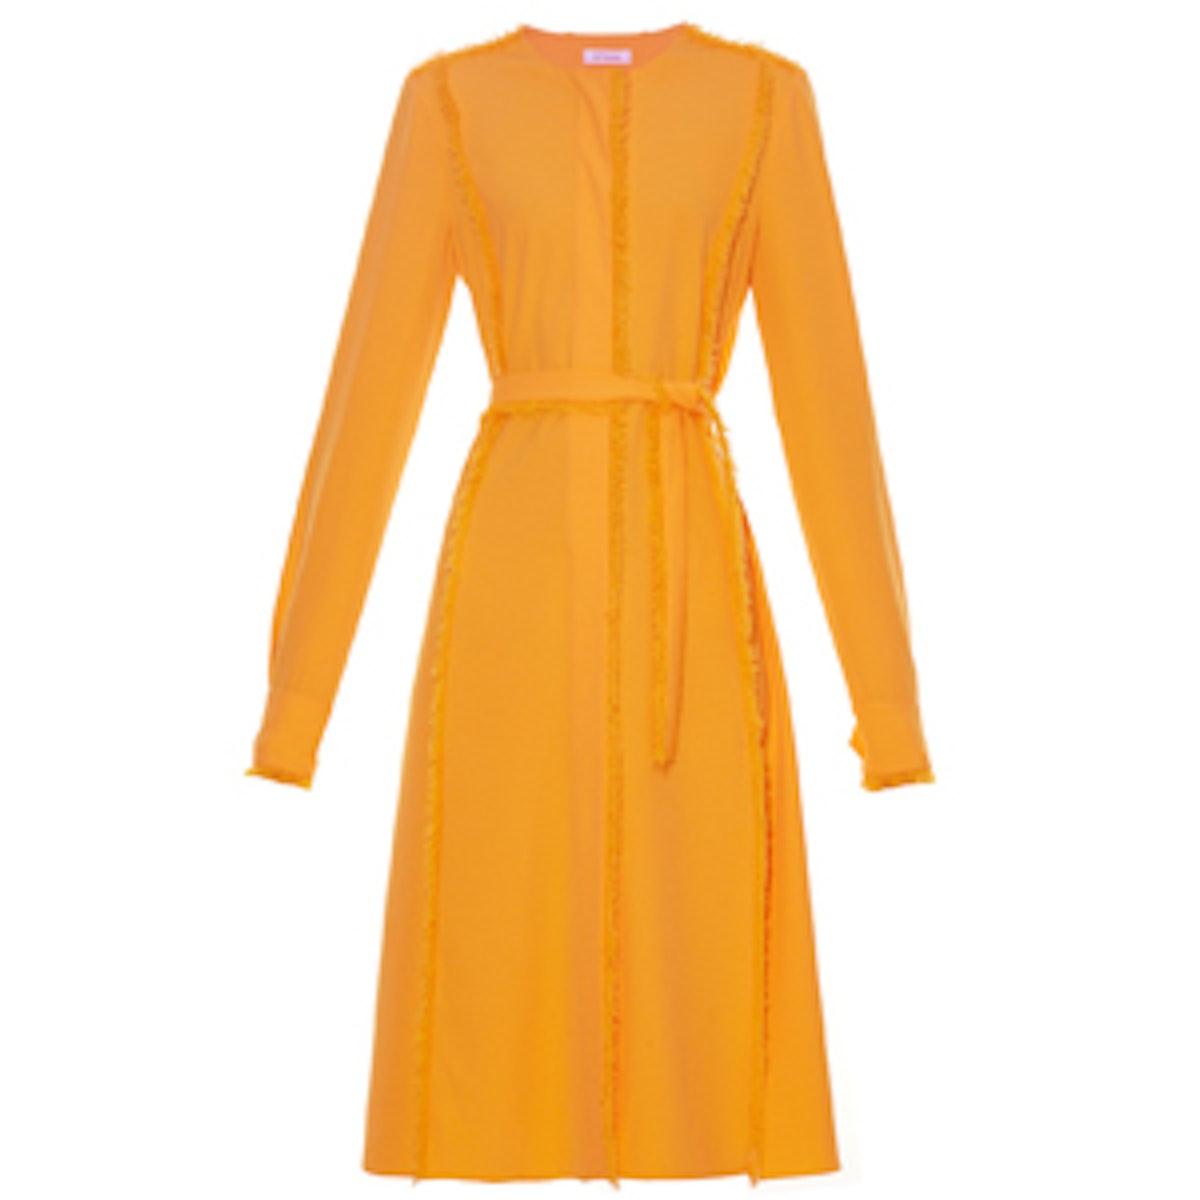 Hamilton Fringed Belted Dress